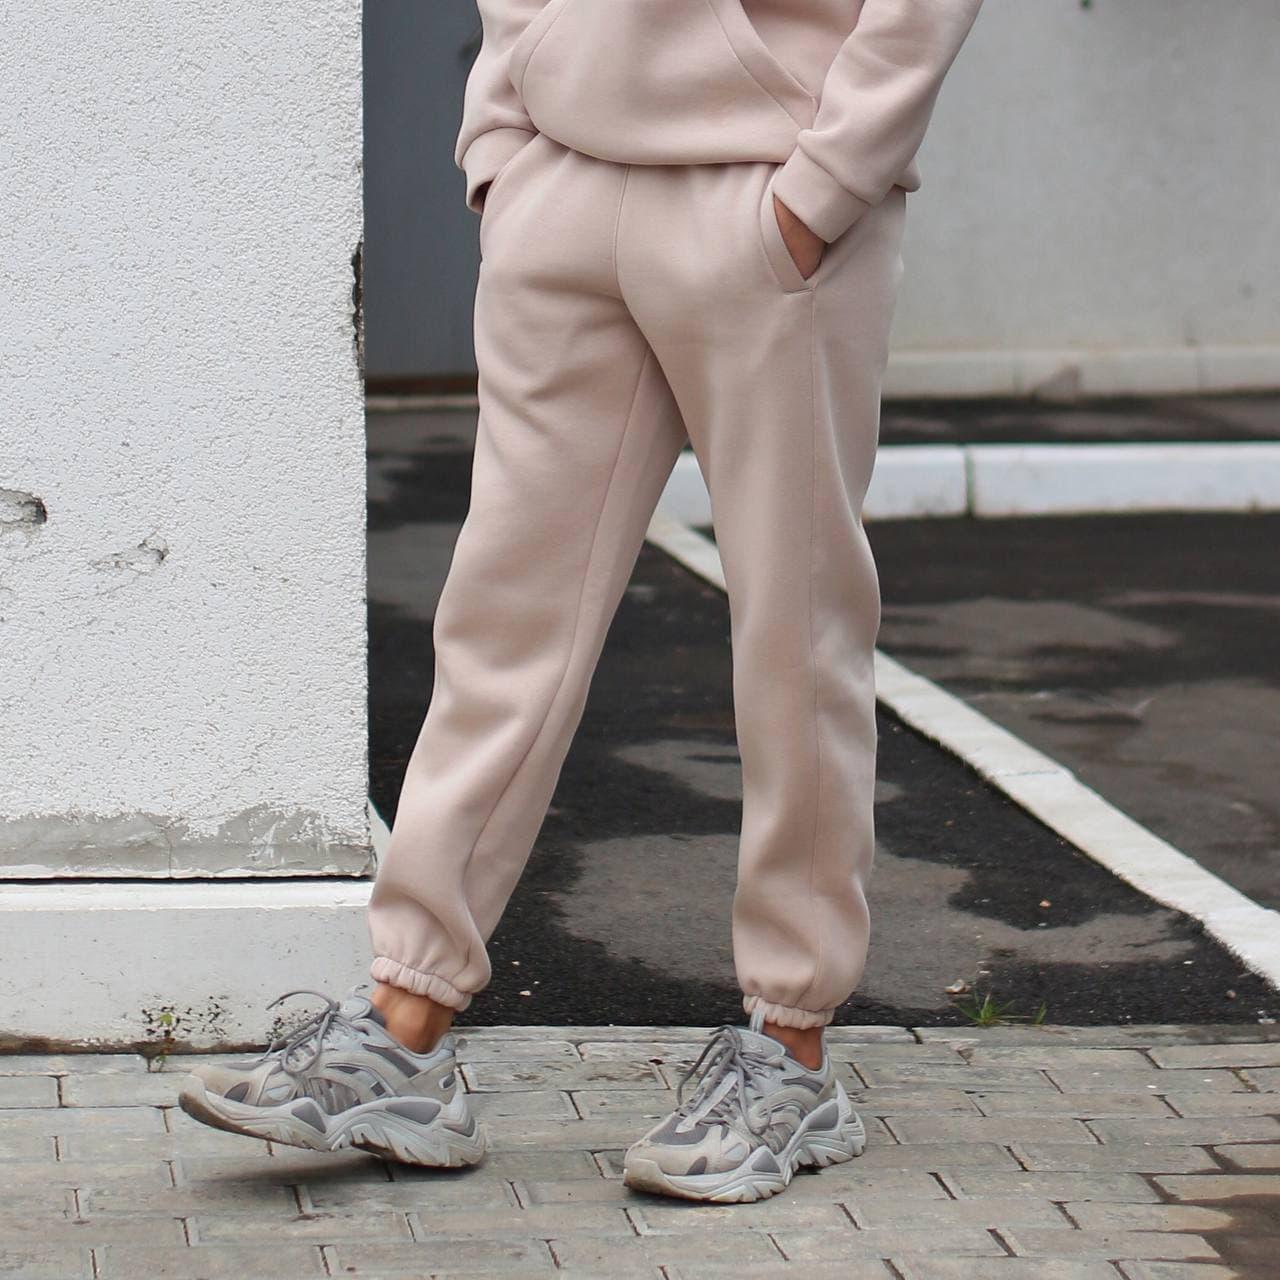 Спортивные штаны мужские бежевые База от бренда ТУР, размер: XS, S, M, L, XL